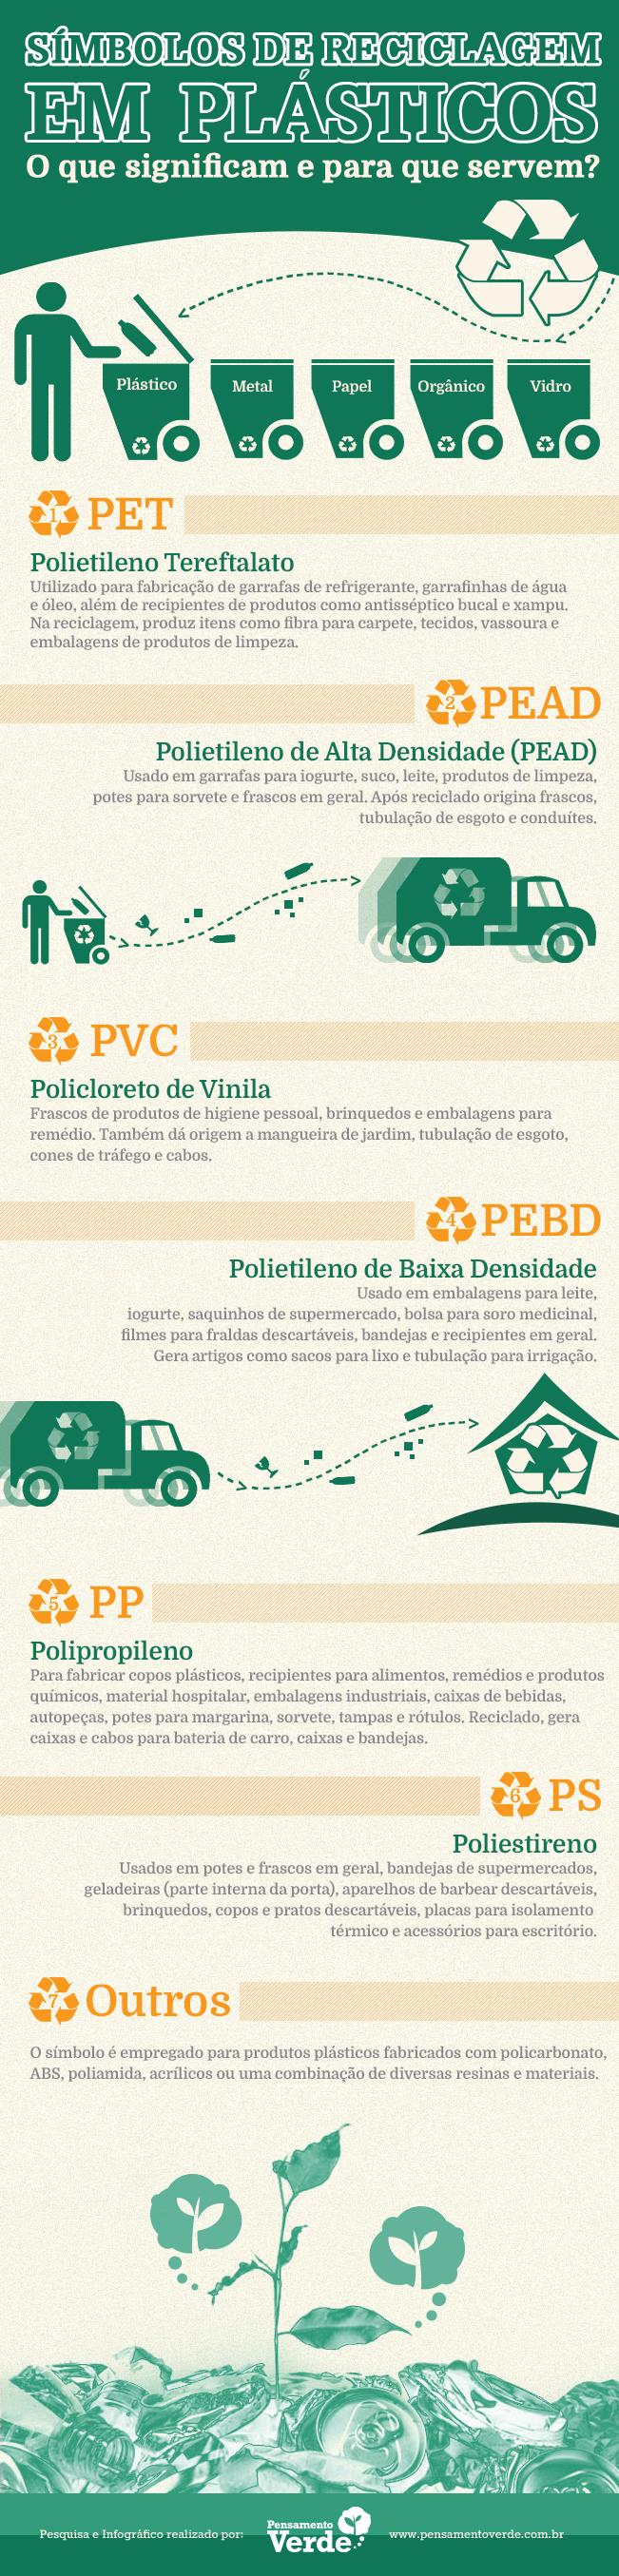 Infográfico - Símbolos da reciclagem de plástico